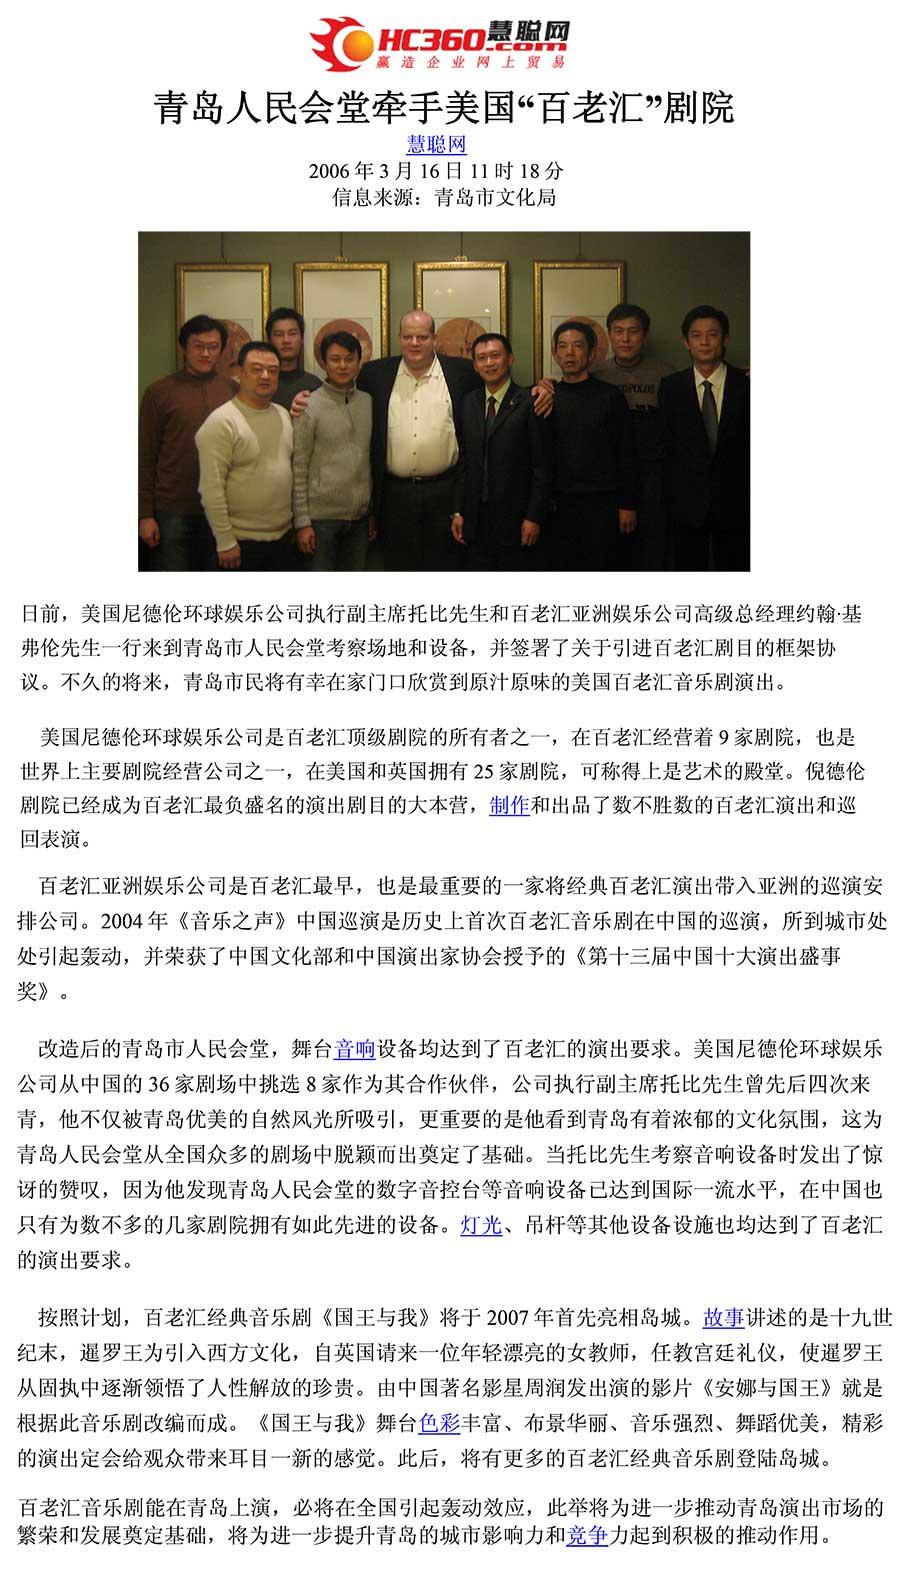 PRESS 2005 03 Qingdao HS360 CN